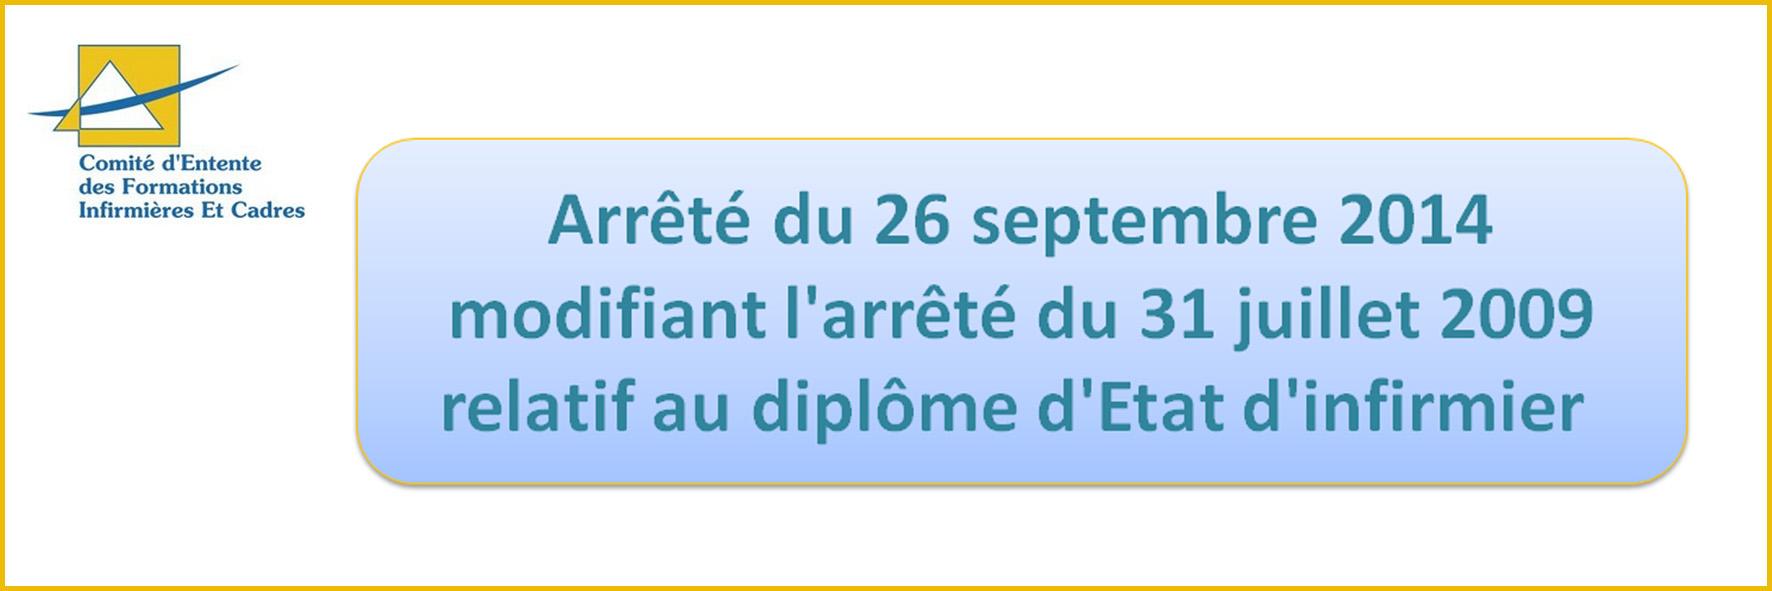 Arrêté Du 26 septembre 2014